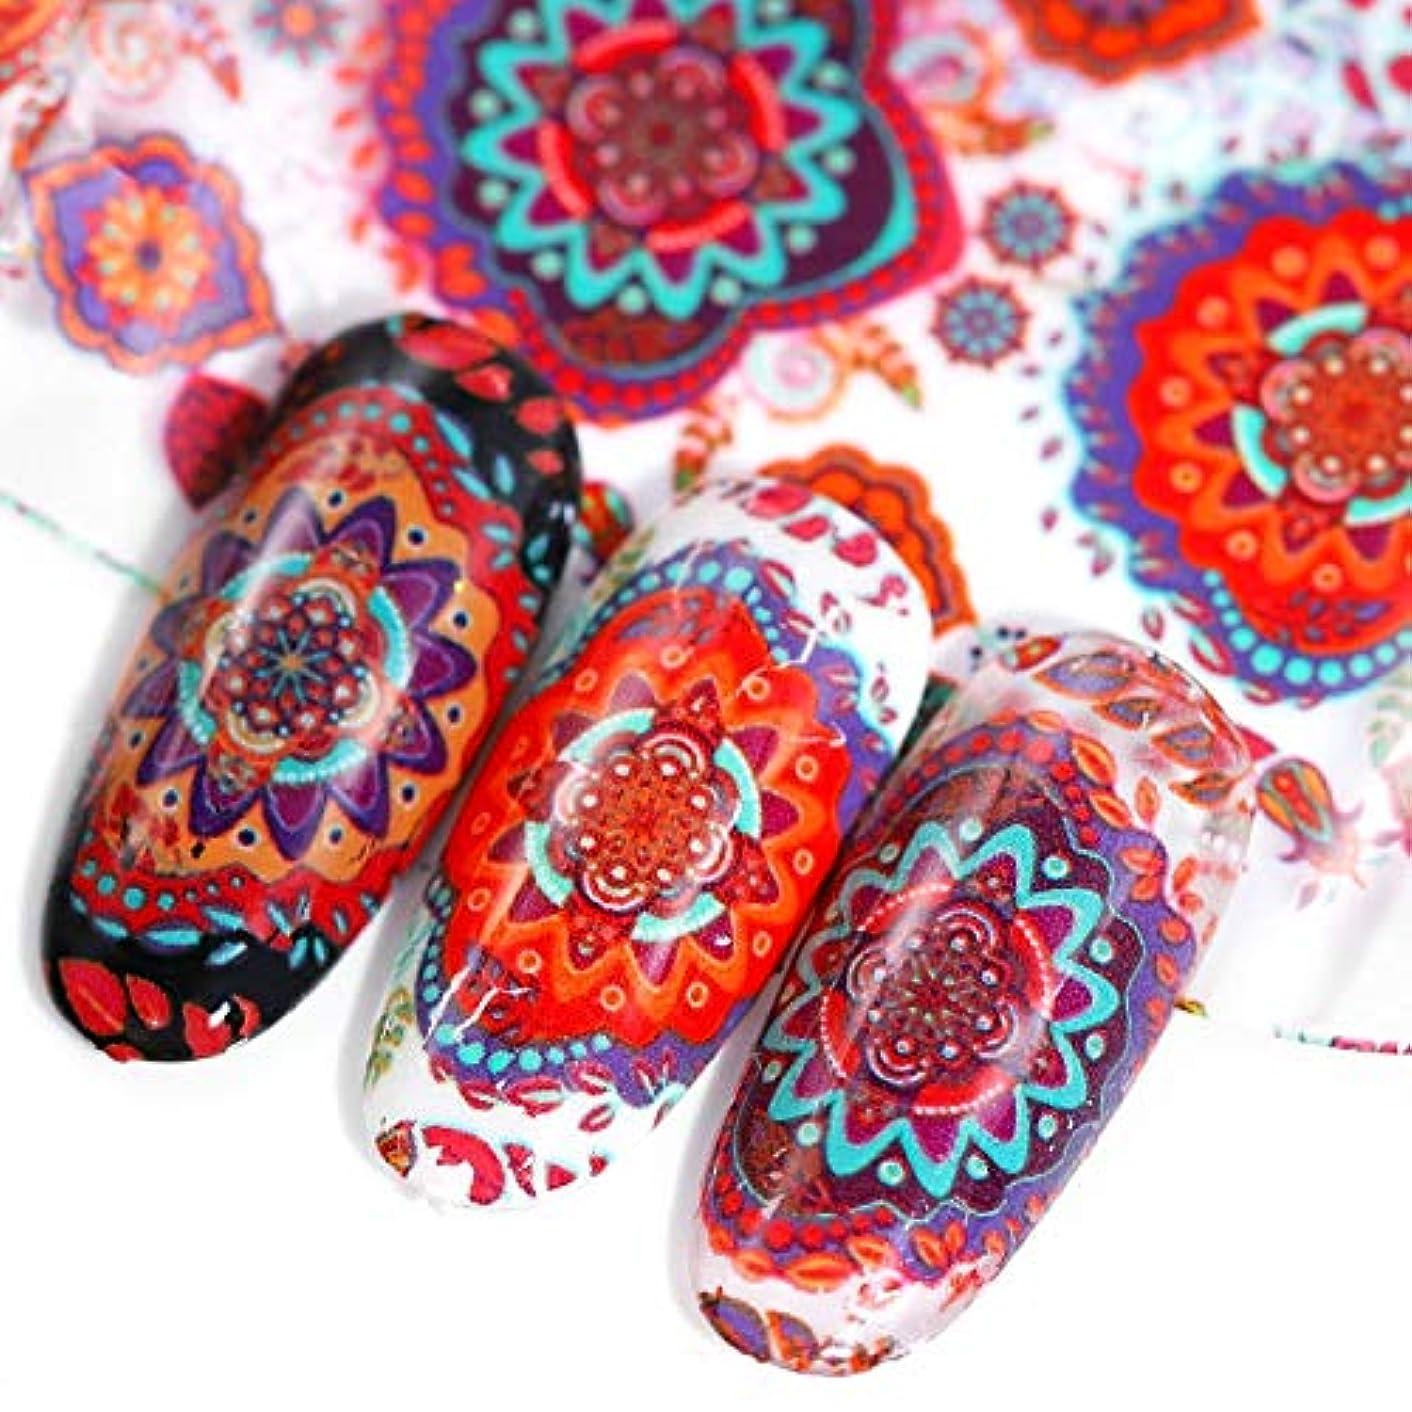 スパーク委任天皇Artlalic 10ピースネイルアートデコレーションネイルホイルネイル転写ステッカーネイルアートデカールカラフルな星空ヴィンテージエスニック風の花のデザインさまざまなデザインランダム混合